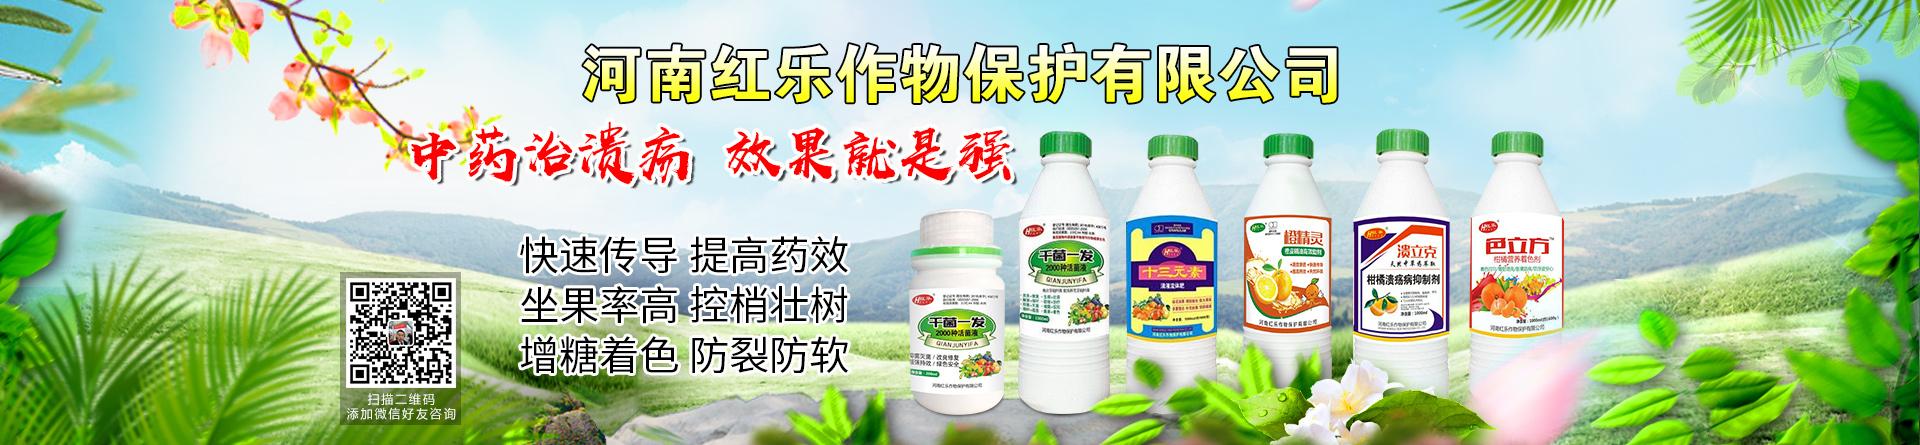 河南红乐作物保护有限公司